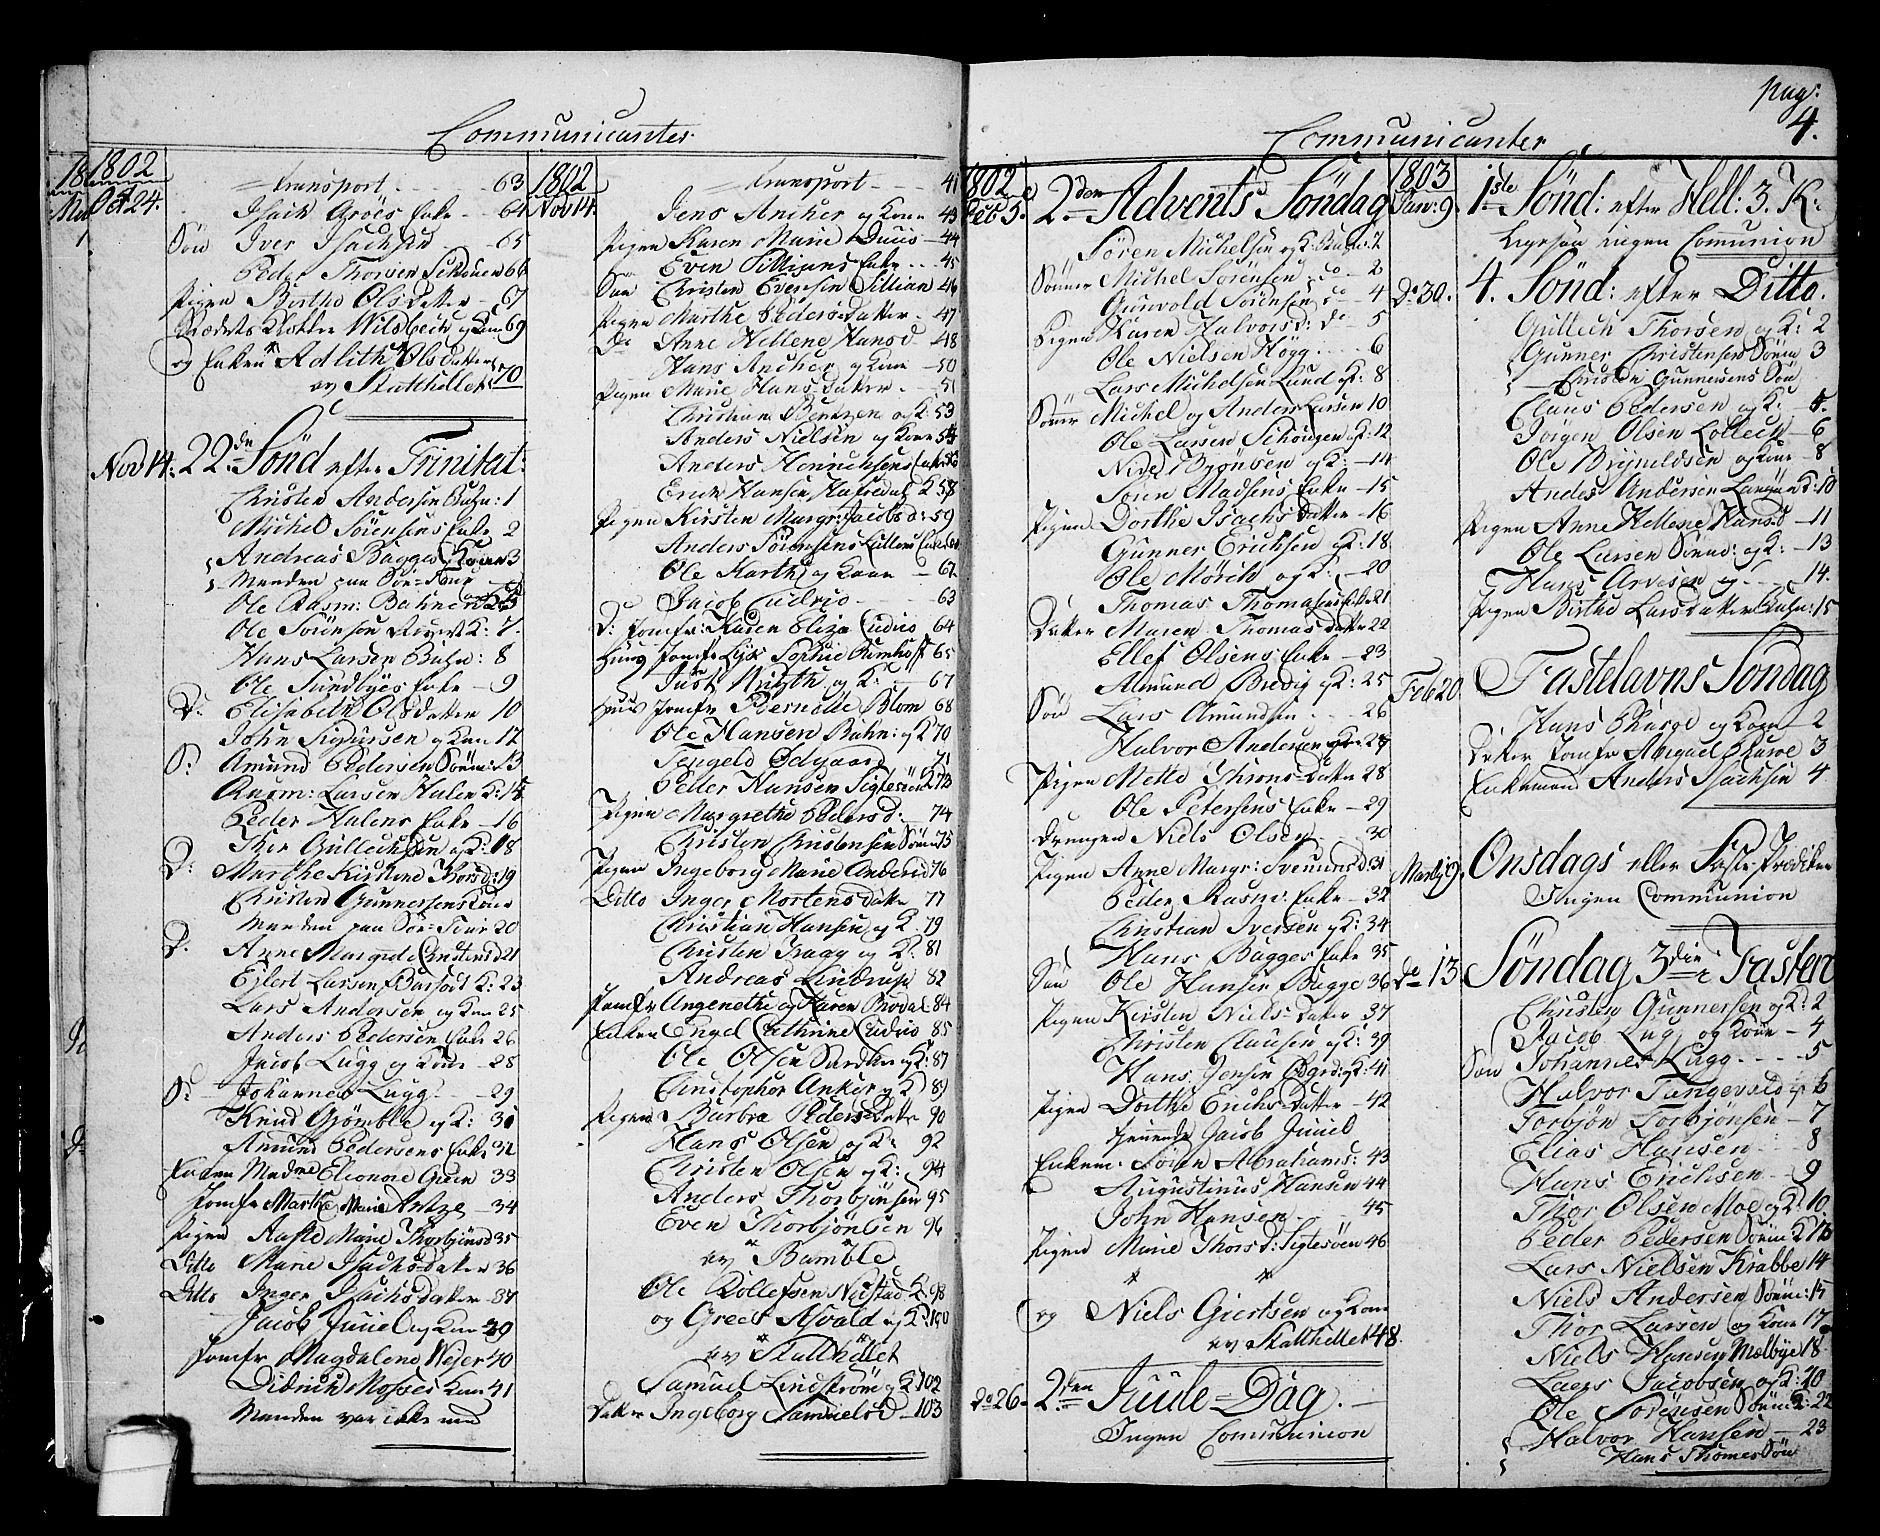 SAKO, Langesund kirkebøker, G/Ga/L0002: Klokkerbok nr. 2, 1801-1815, s. 4